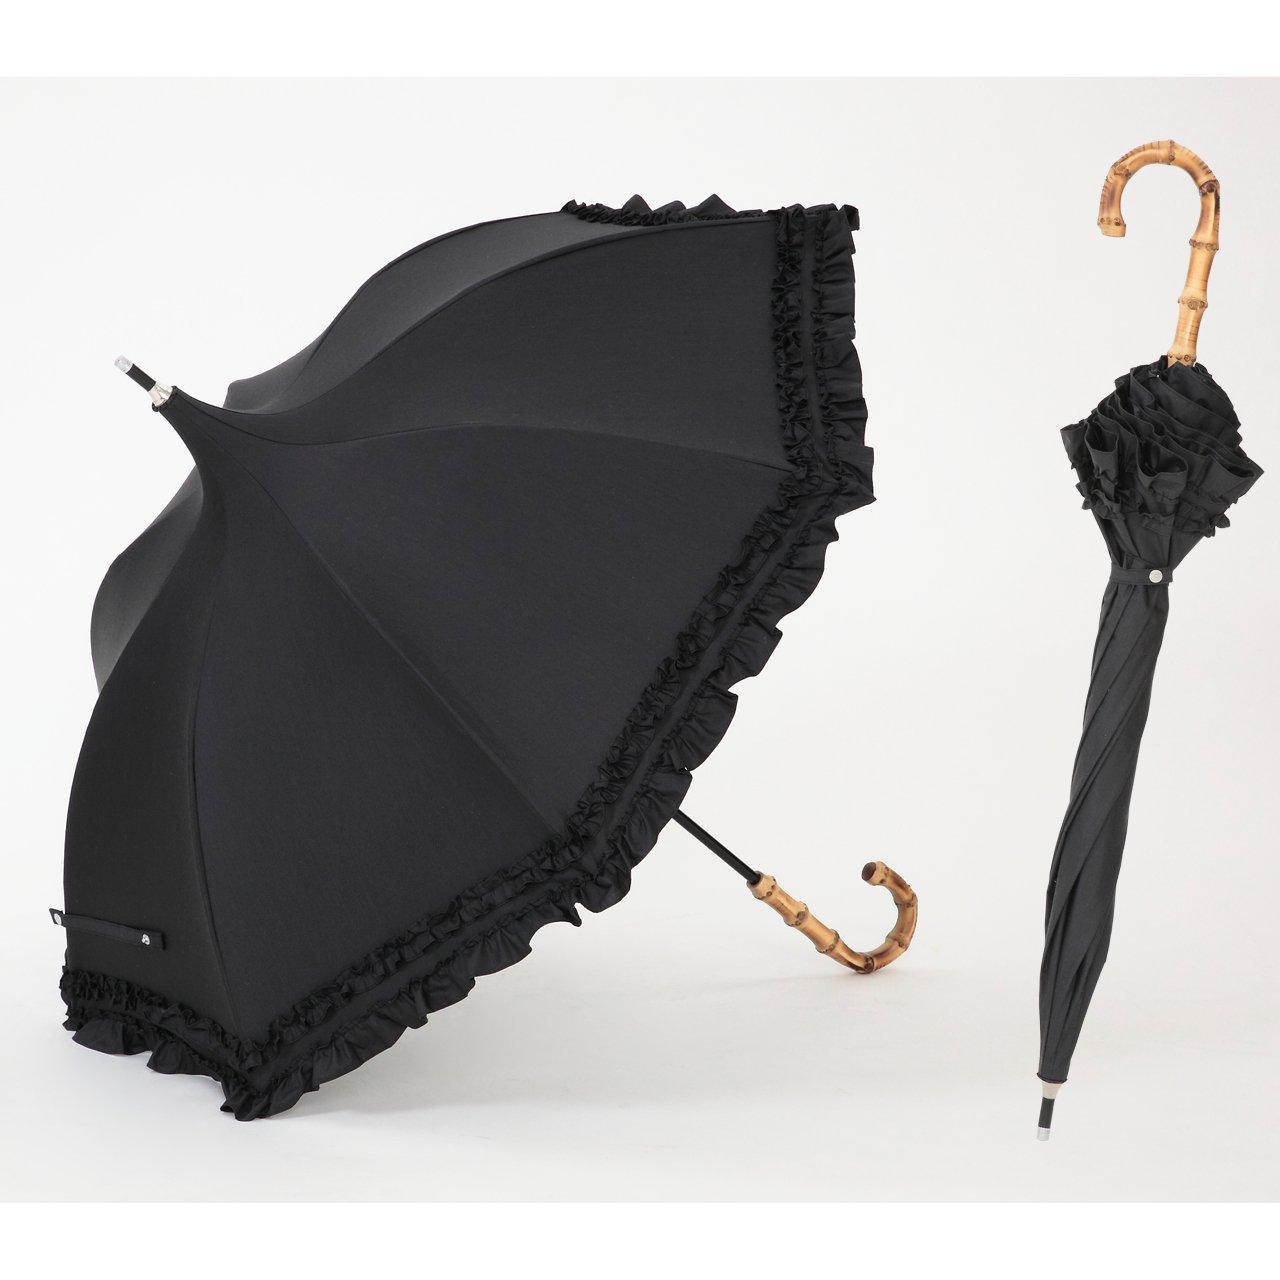 UVカット 遮光1級 日傘/コンパクト長傘 クールプラス パゴダ 晴雨兼用 【LIEBEN-1511】 B00B8NNDNE